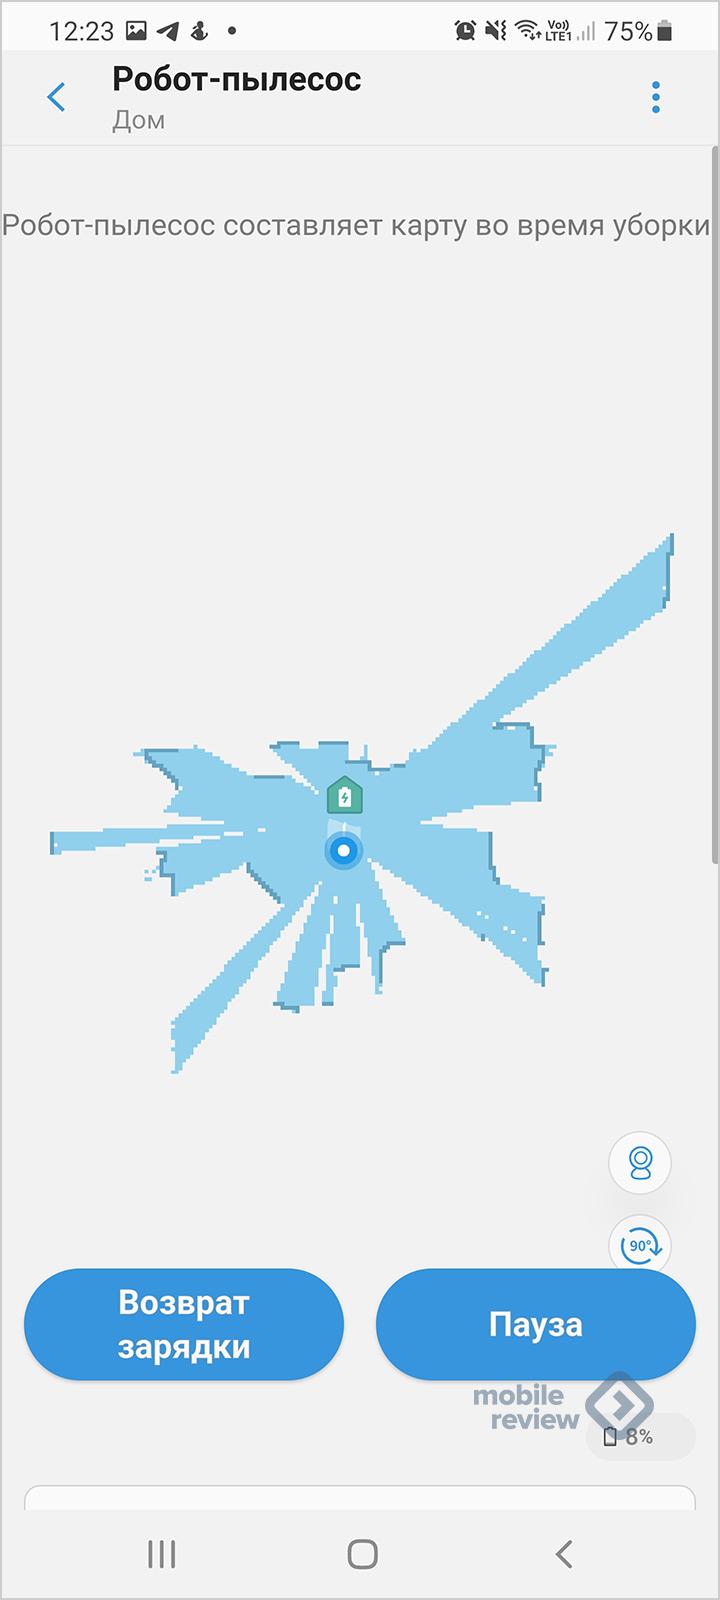 Обзор робота-пылесоса Samsung JetBotAI+ (VR9500T)